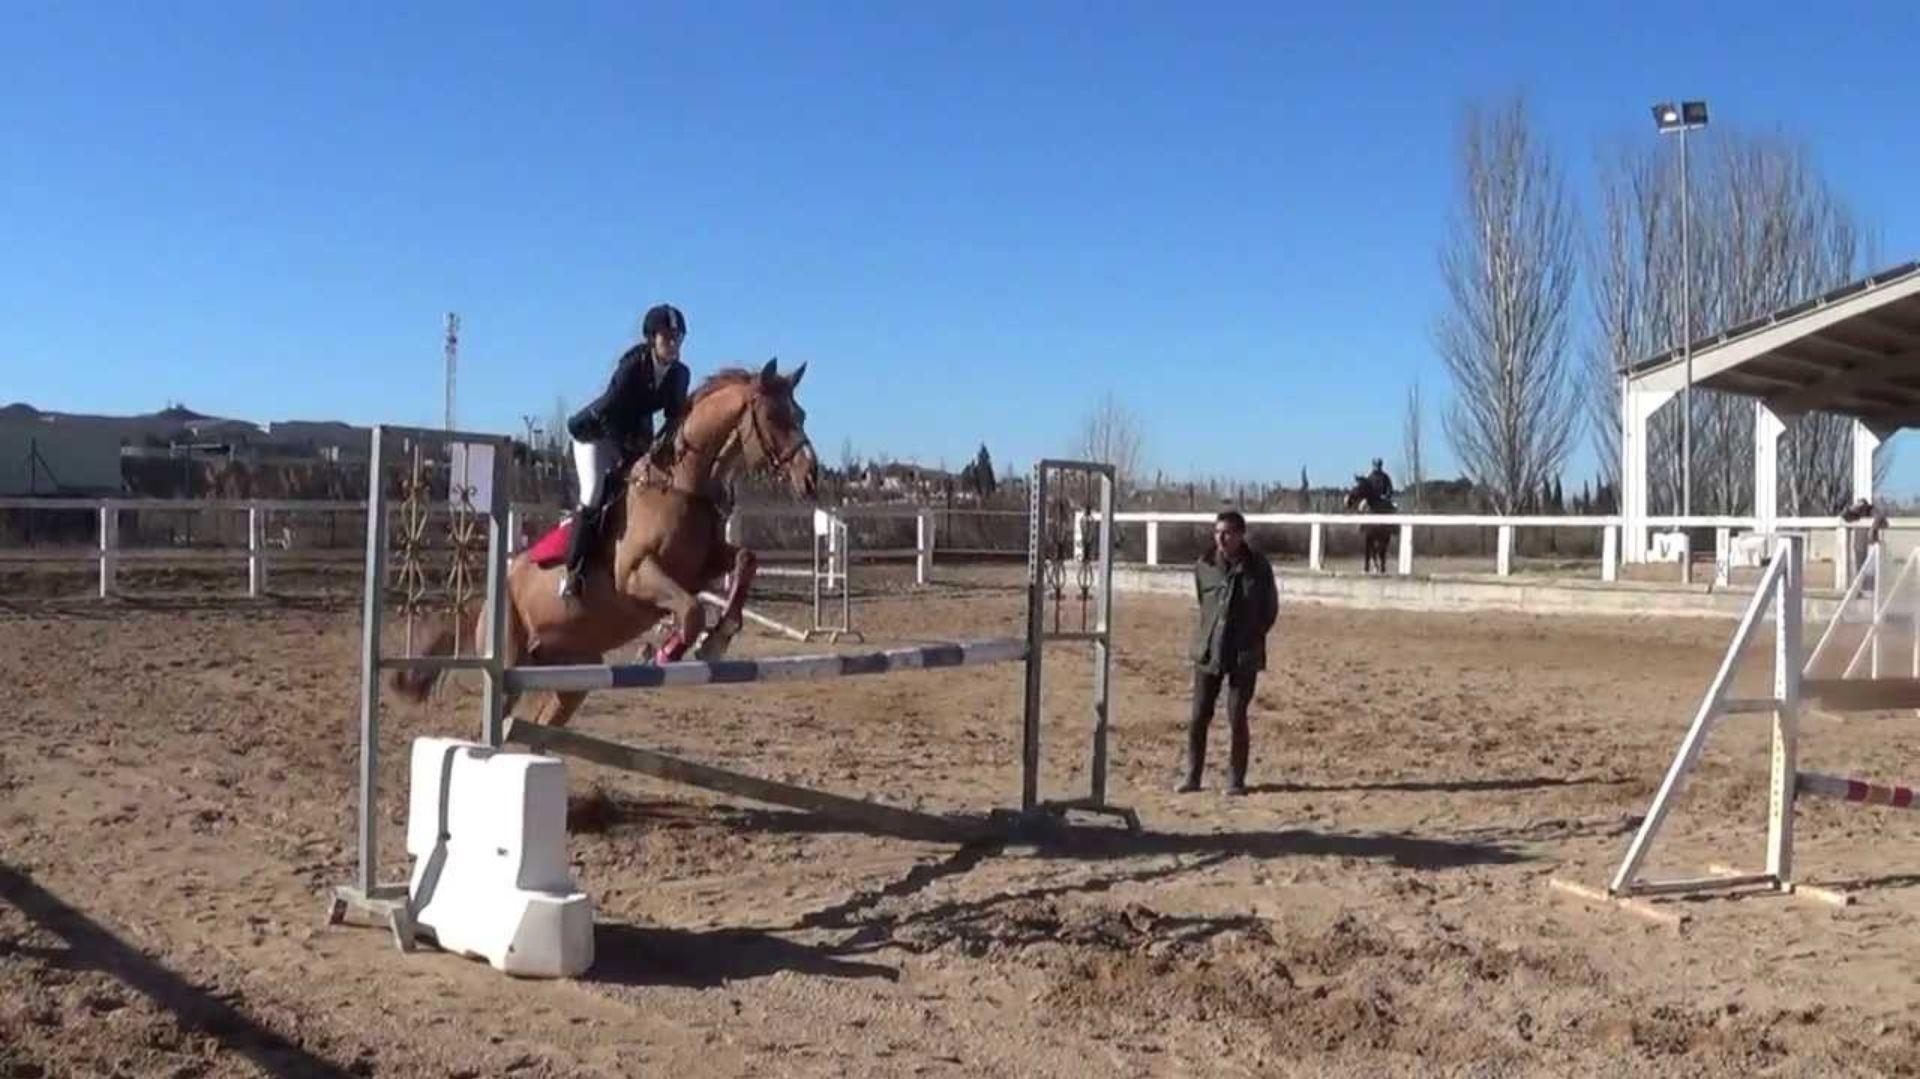 clases de salto a caballo Zaragoza